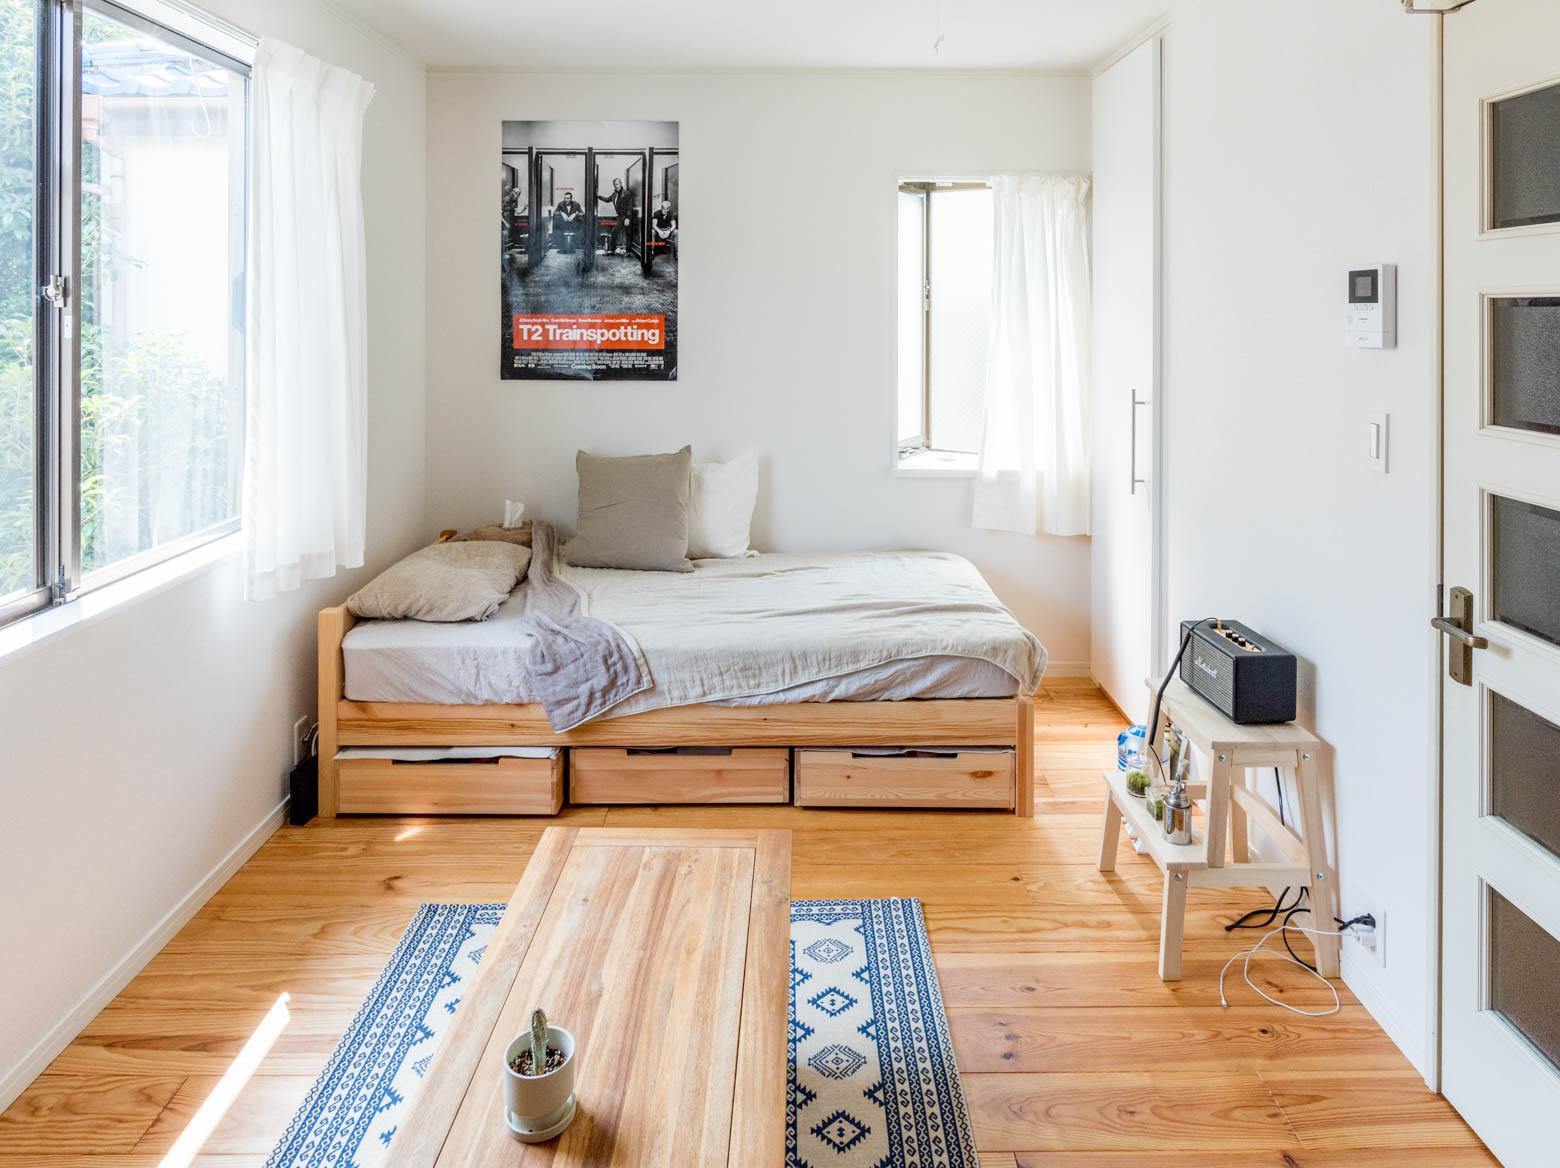 小さな1Kに暮らす越智さんの部屋。大きな収納は備え付けのクローゼットとベッド下のみ。とてもすっきりしてます。(すっきりしているのにマニアック!ベンチャーで働く若手女性の部屋)